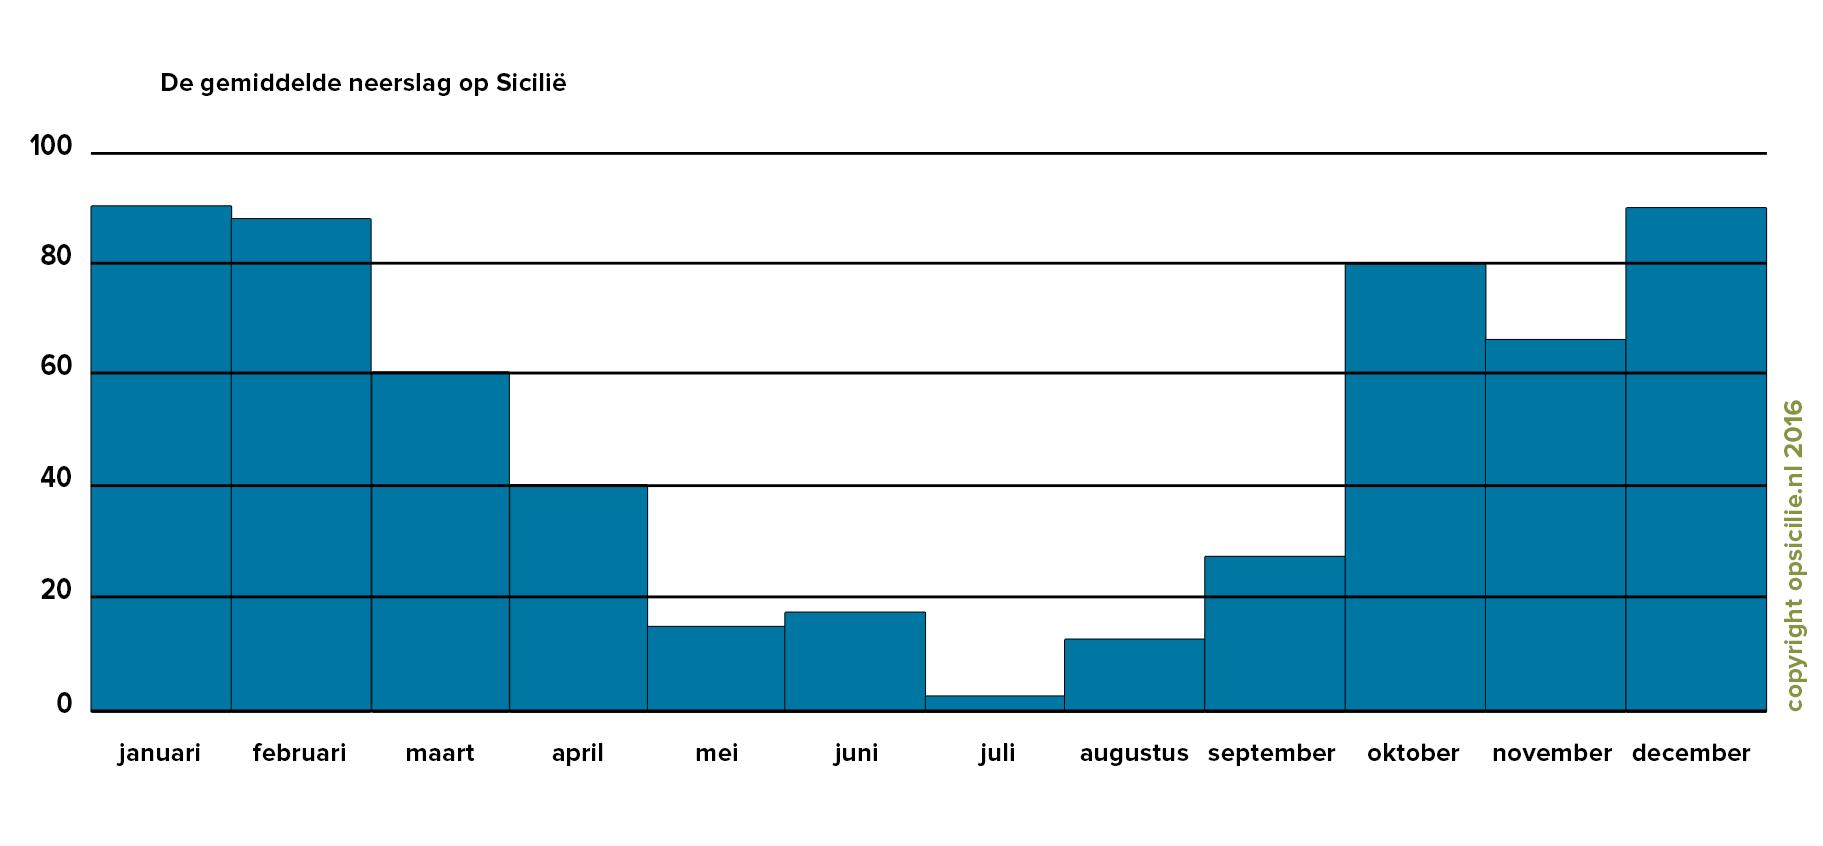 De gemiddelde neerslag op Sicilië